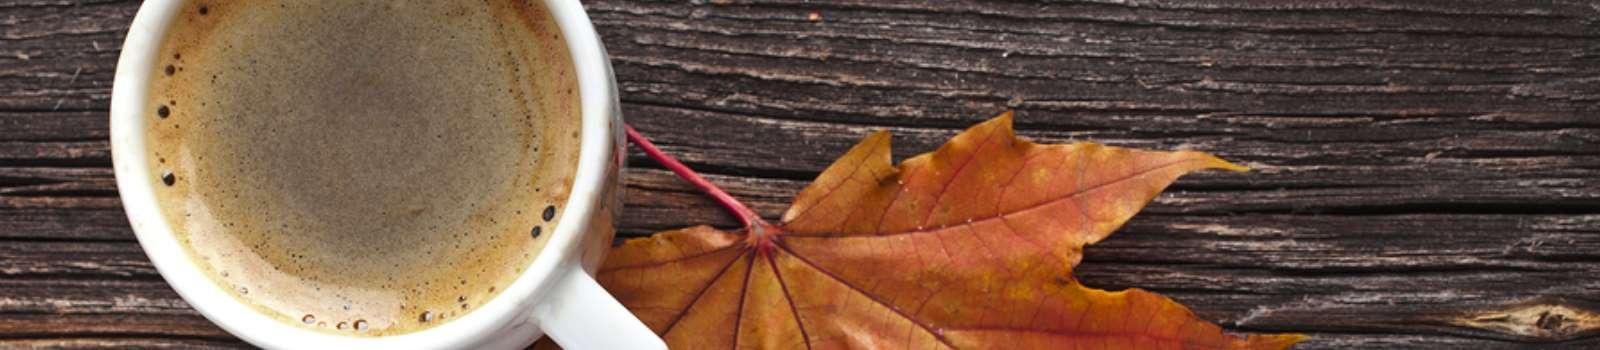 Door County Maple Flavored Coffee